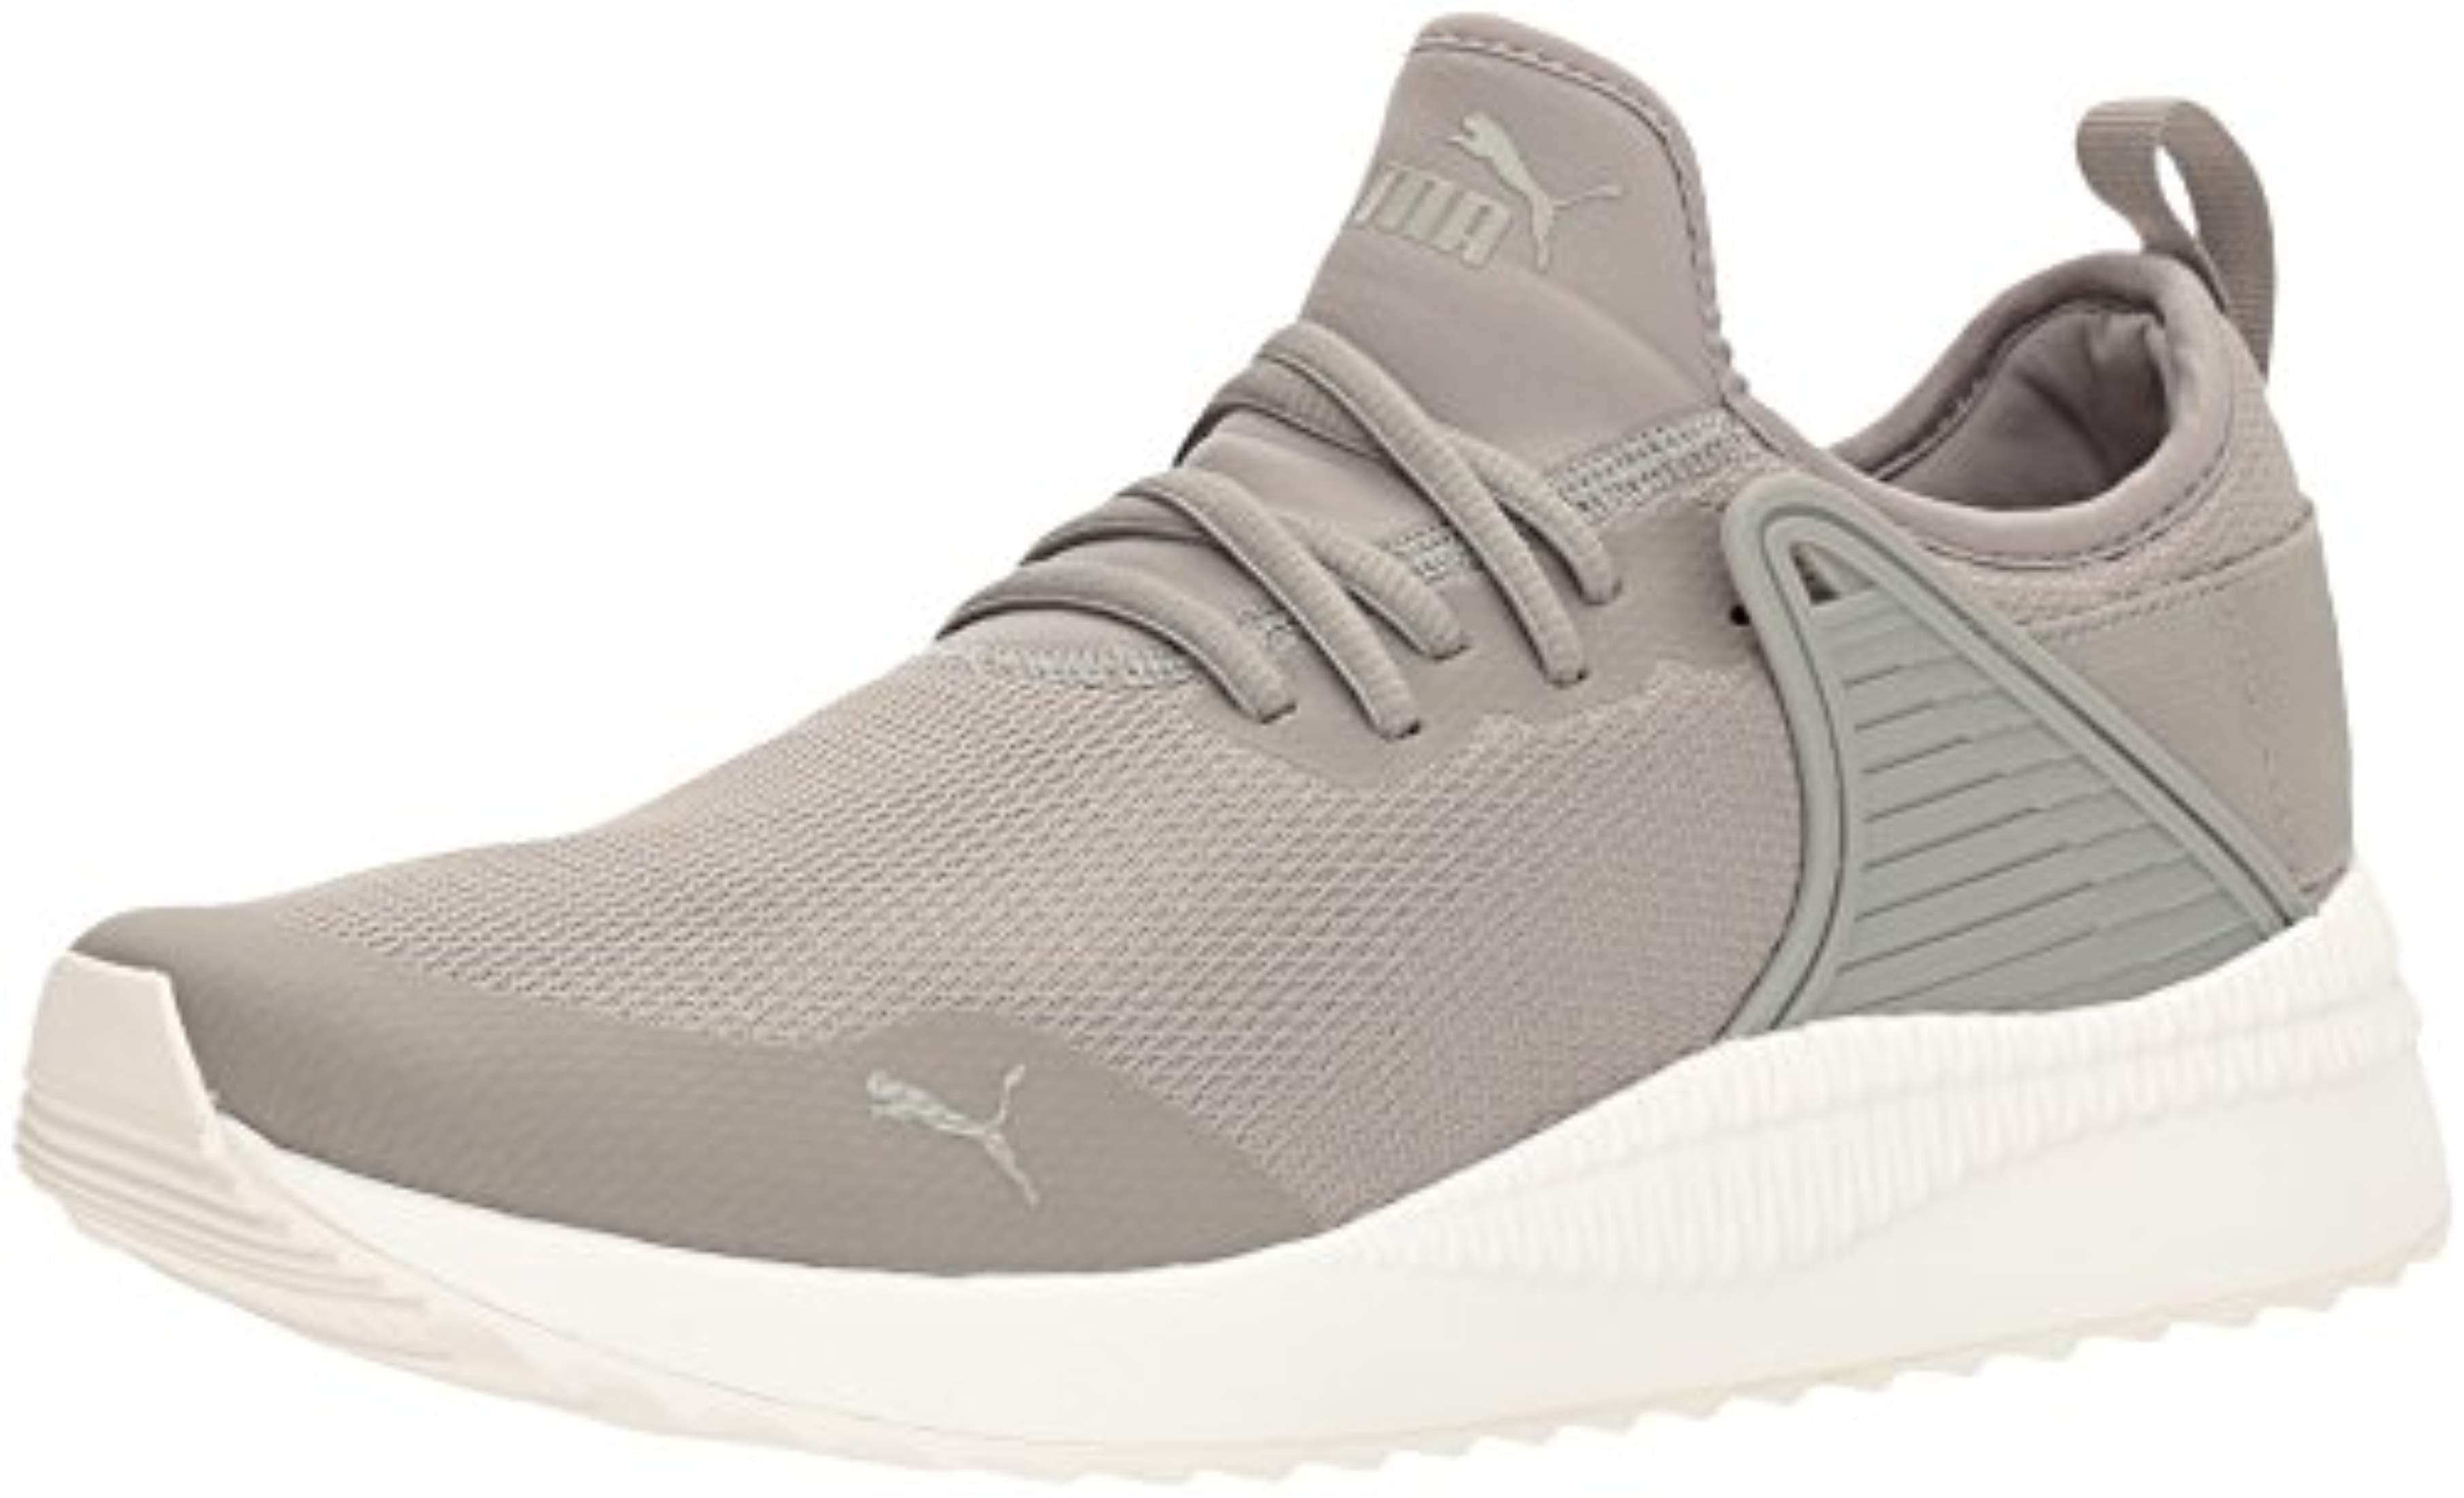 054e93fecc7261 PUMA - Puma Men S Pacer Next Cage Gk Sneaker - Walmart.com